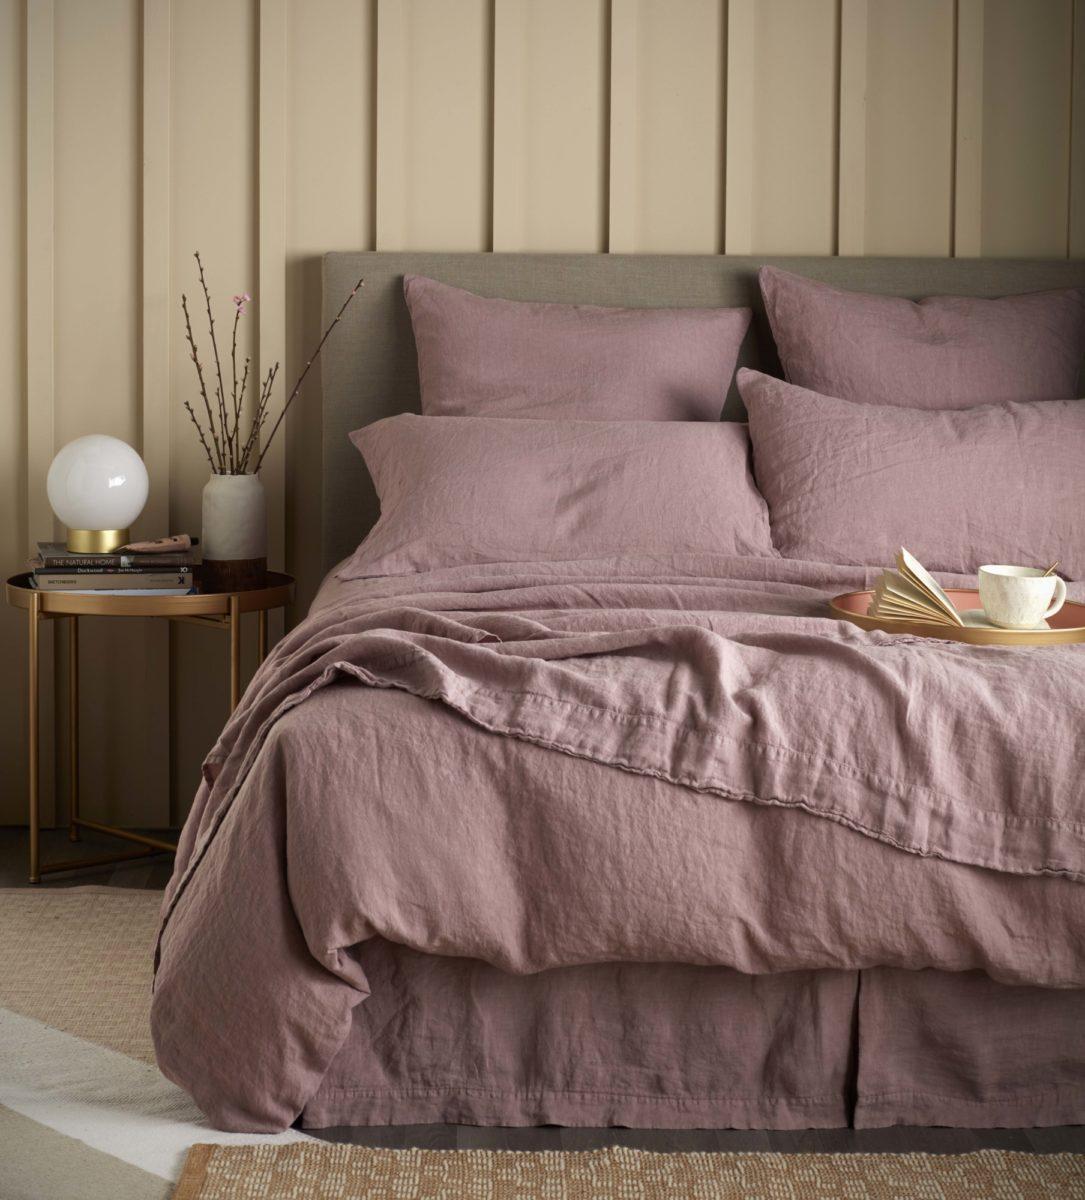 Vintage Rose 100% Linen Bedding | Natural Bedding | Secret Linen Store